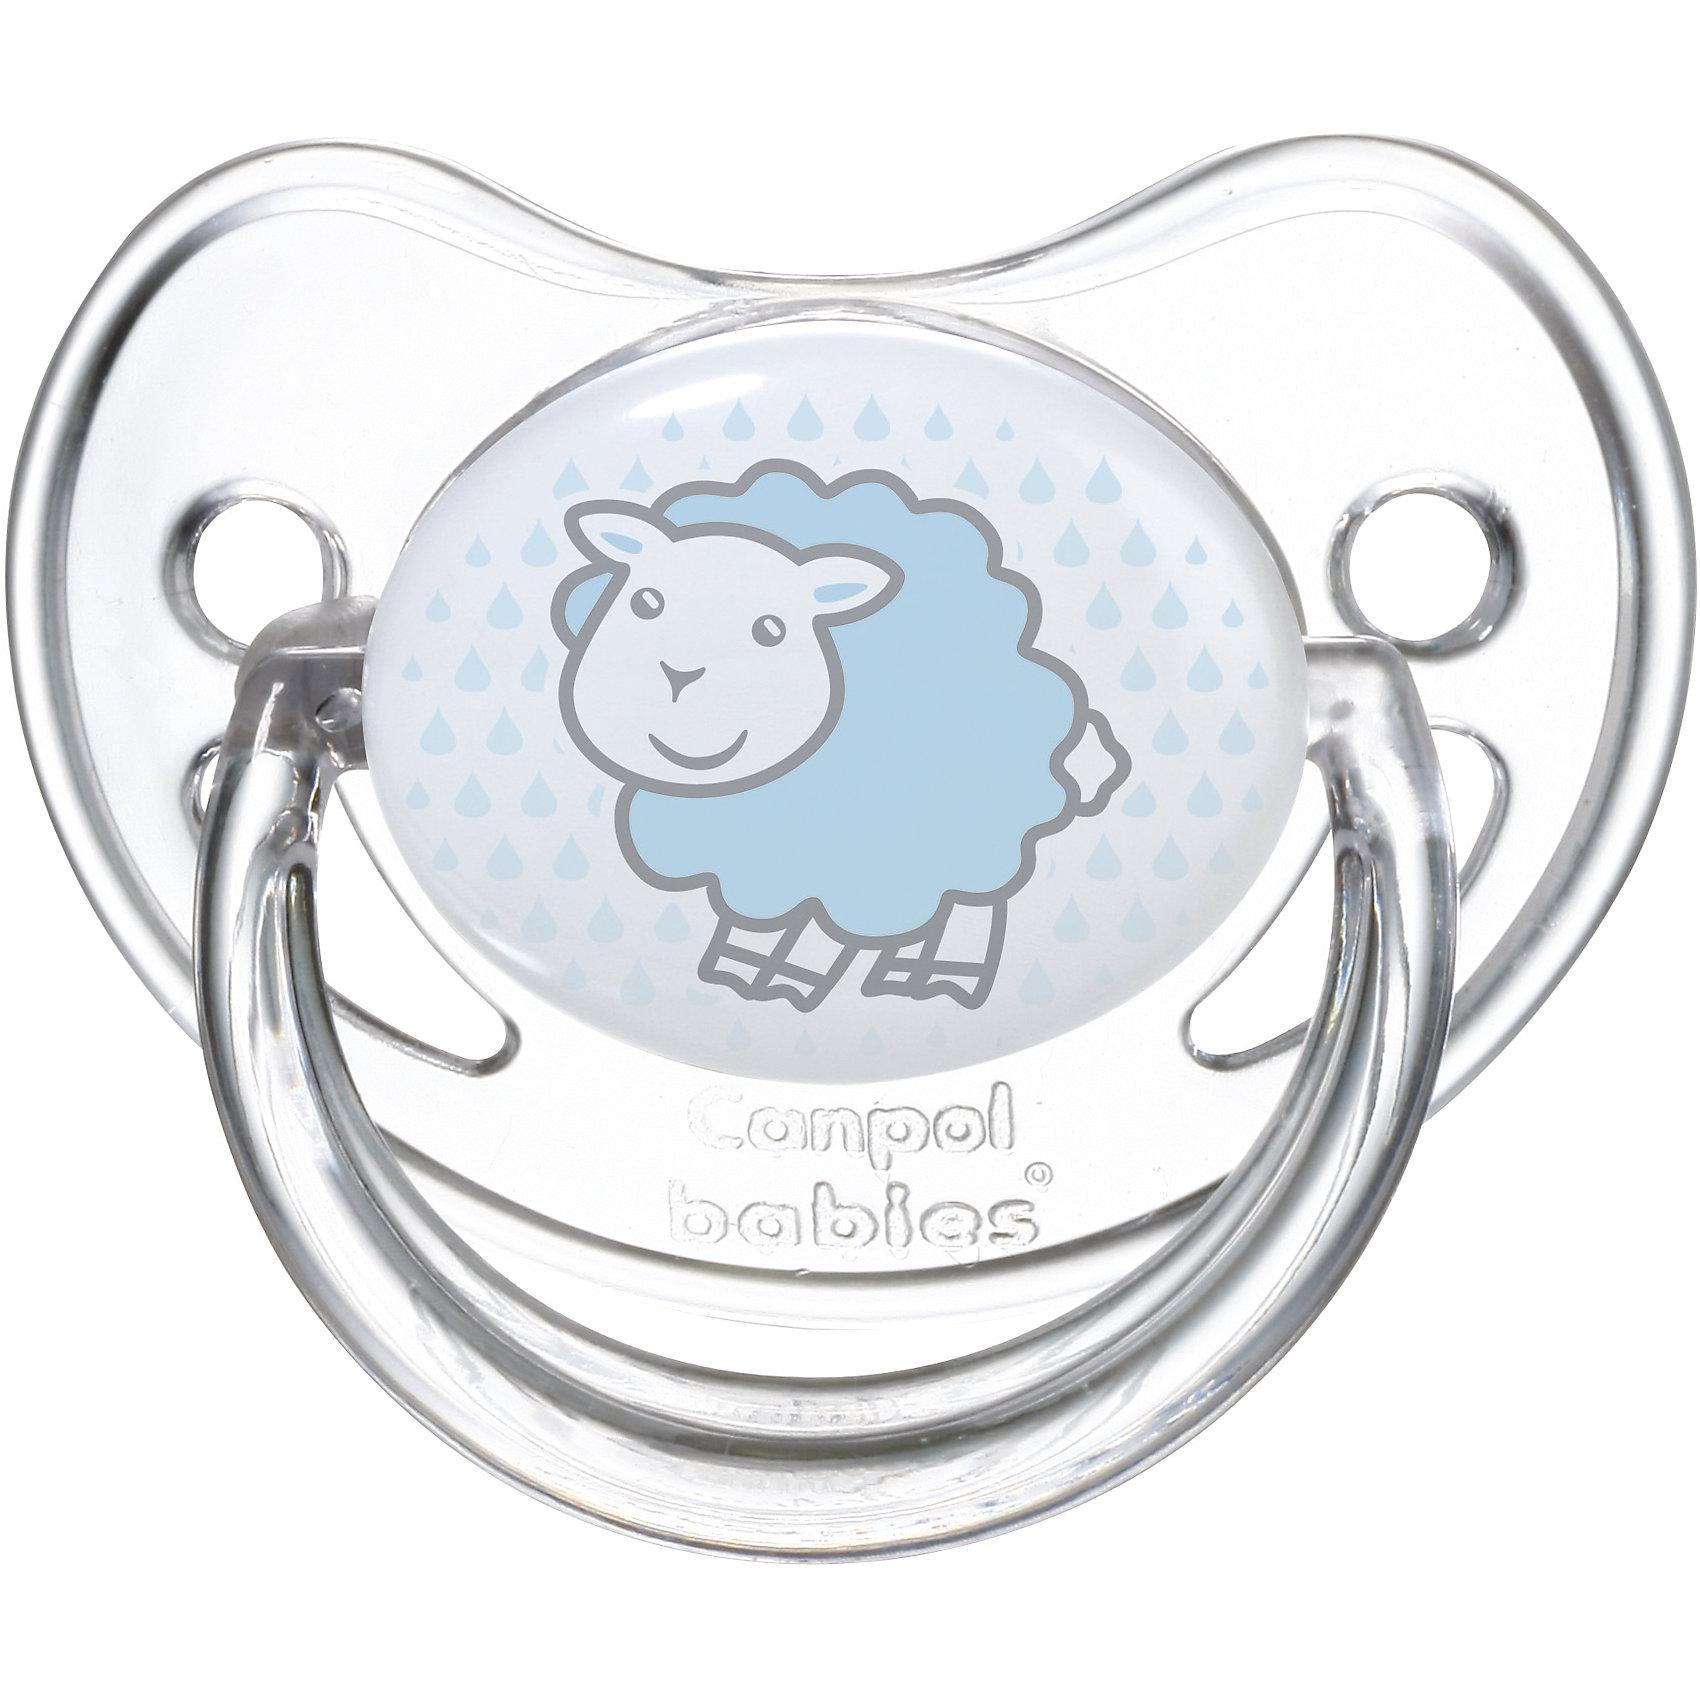 Пустышка анатомическая силиконовая, 0-6 Transparent, Canpol Babies, овечкаПустышки из силикона<br>Характеристики:<br><br>• Наименование: пустышка<br>• Пол: для мальчика<br>• Материал: силикон, пластик<br>• Цвет: белый, голубой<br>• Форма: анатомическая<br>• Наличие отверстий для вентиляции<br>• Наличие кольца для держателя<br>• Особенности ухода: регулярная стерилизация и своевременная замена<br><br>Пустышка анатомическая силиконовая, 0-6 Transparent, Canpol Babies, овечка имеет специальную форму, которая обеспечивает правильное давление на небо. Изготовлена из запатентованного вида силикона, который не имеет запаха. При правильном уходе обеспечивает длительное использование. У соски имеется ограничитель из прозрачного пластика, который учитывает анатомические особенности детского личика, и кольцо для держателя. Пустышка анатомическая силиконовая, 0-6 Transparent, Canpol Babies, овечка выполнена в стильном дизайне с изображением милой овечки.<br><br>Пустышку анатомическую силиконовую, 0-6 Transparent, Canpol Babies, овечку можно купить в нашем интернет-магазине.<br><br>Ширина мм: 95<br>Глубина мм: 45<br>Высота мм: 155<br>Вес г: 110<br>Возраст от месяцев: 0<br>Возраст до месяцев: 6<br>Пол: Мужской<br>Возраст: Детский<br>SKU: 5156614